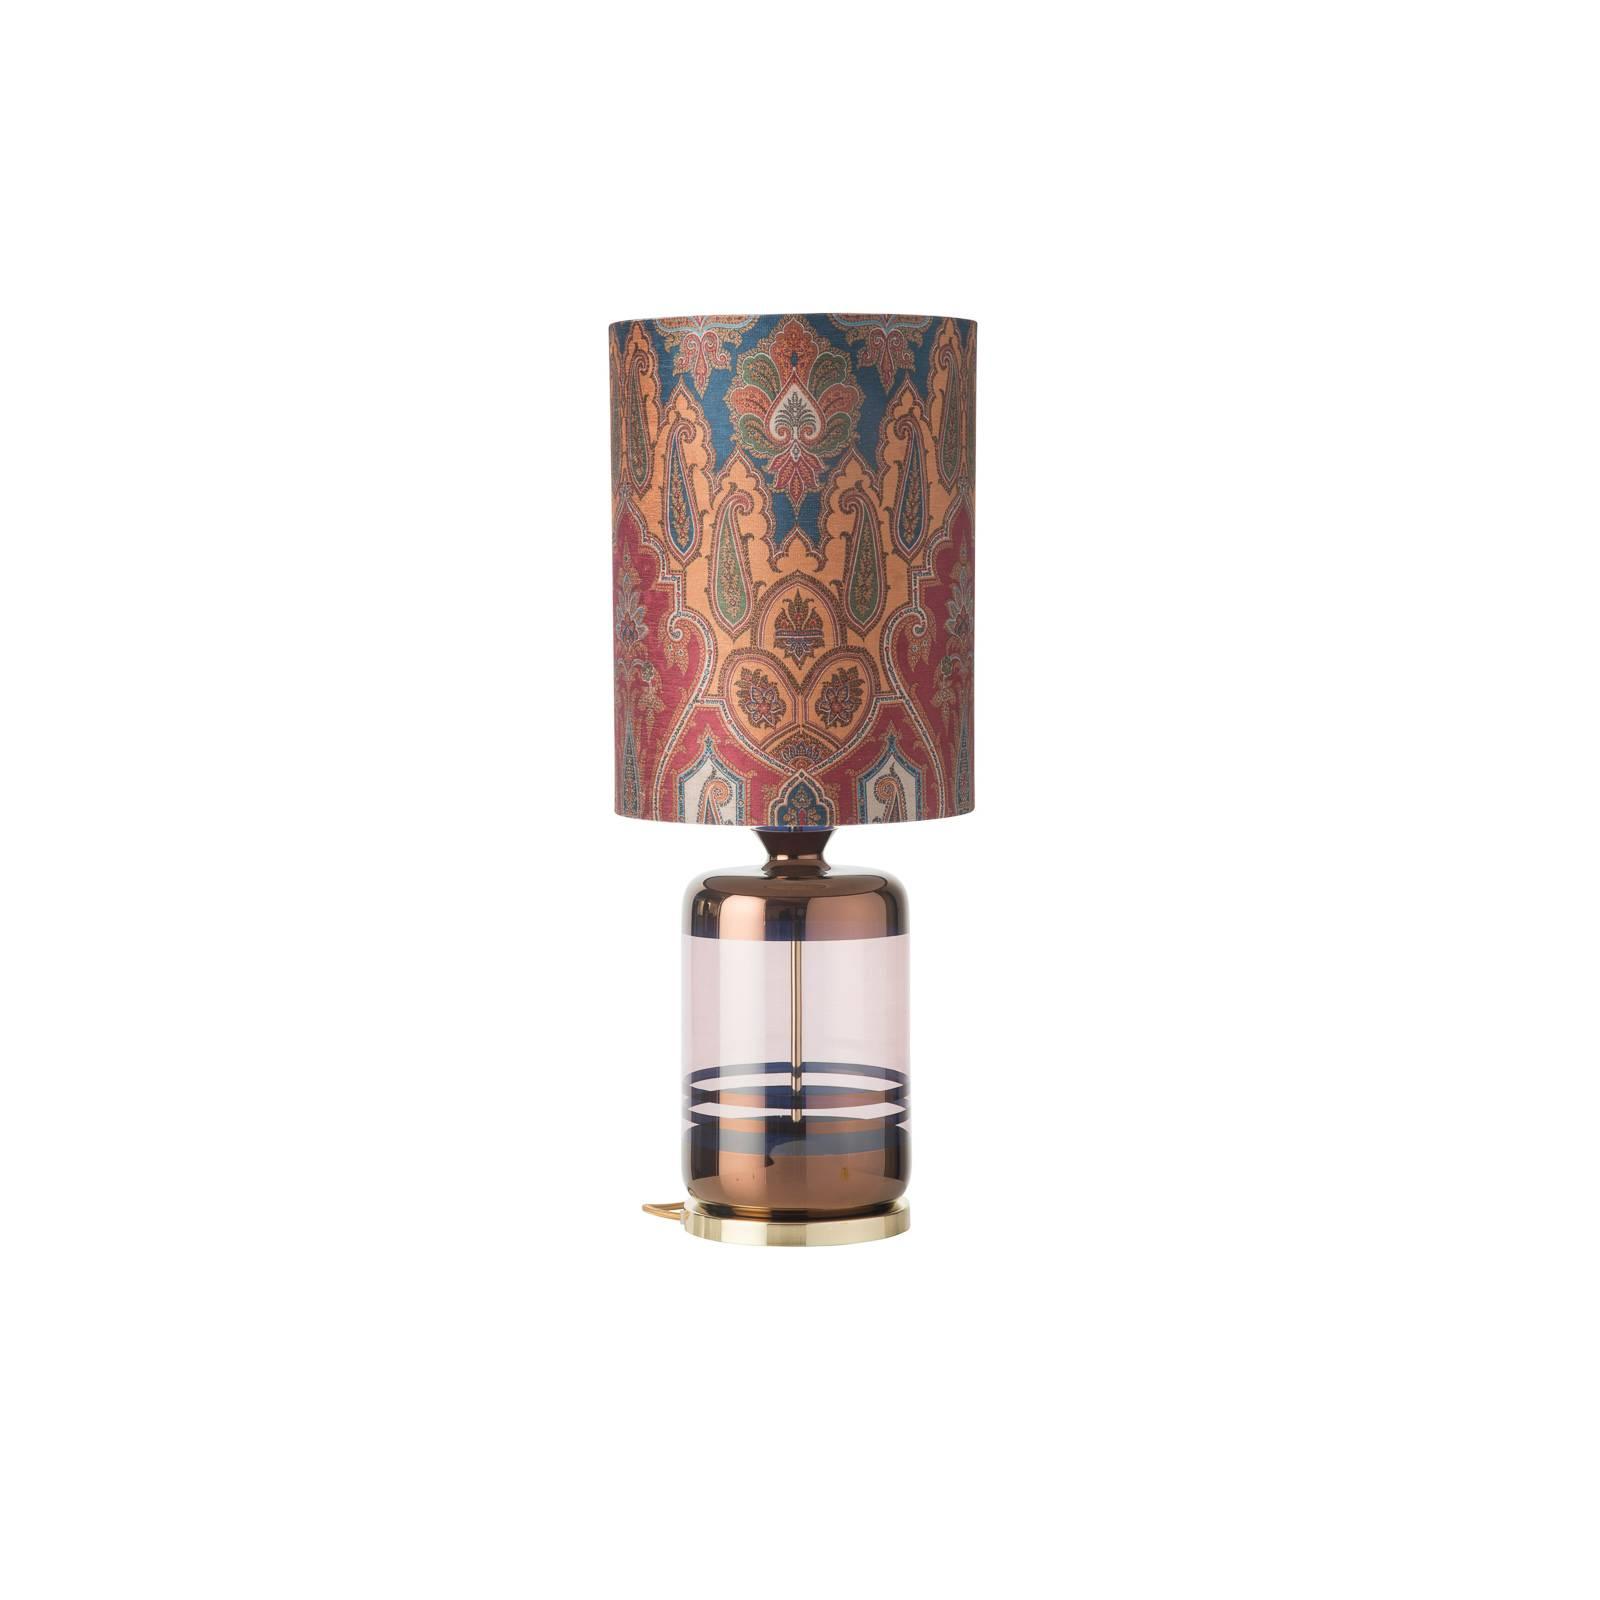 EBB & FLOW Pillar lampe à poser, Brocade blue/red